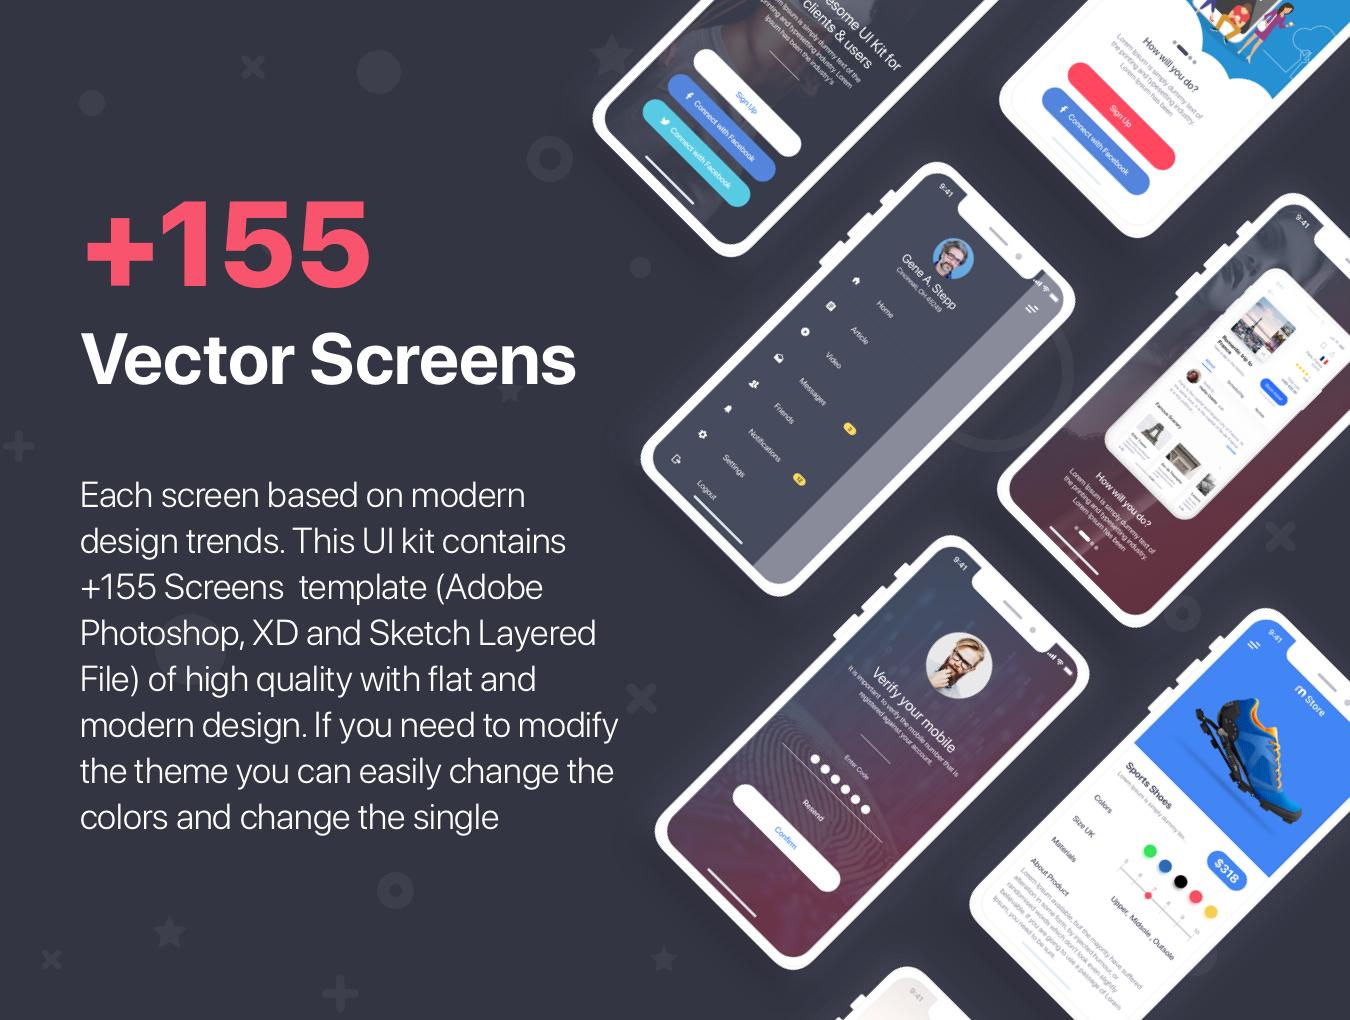 多功能旅行社交直播商城iOS APP UI工具包 MultiPurpose iOS UI Kit插图(4)